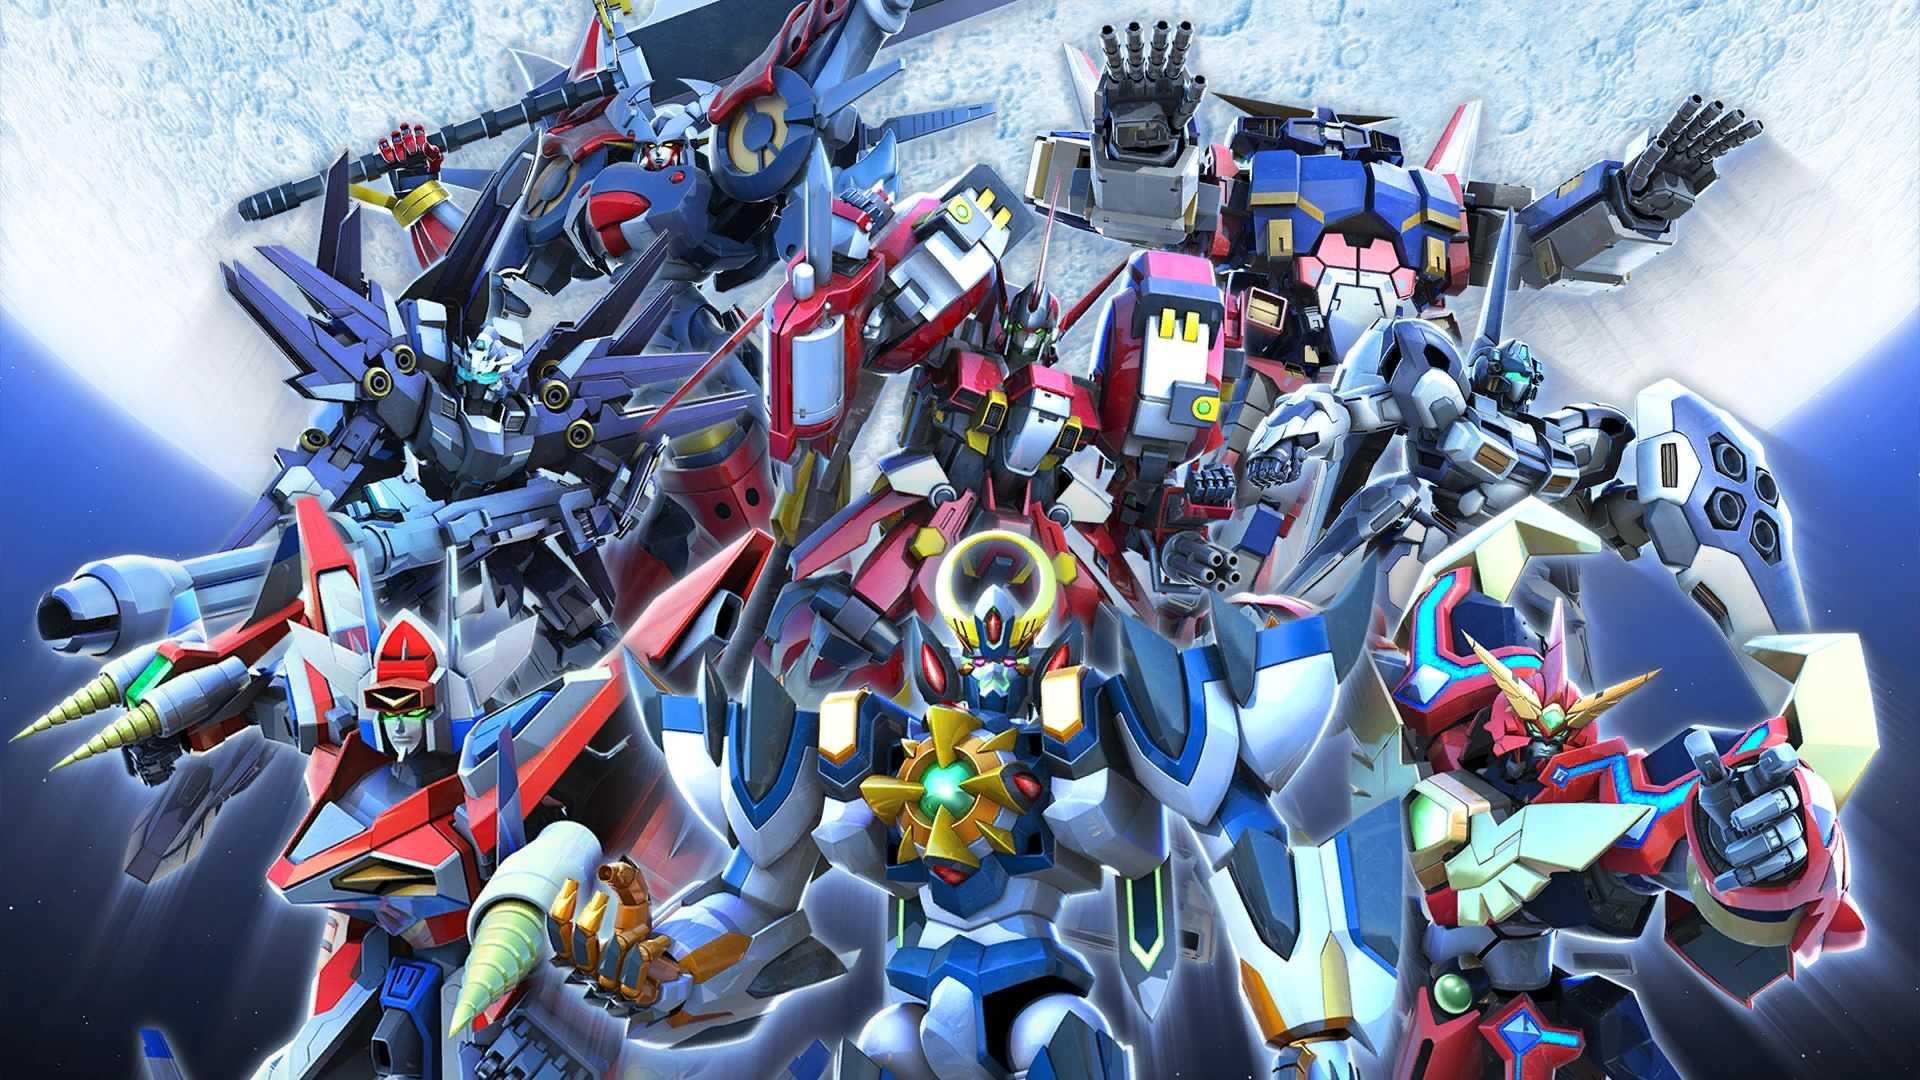 デュエラーズ 大戦 og スーパー ロボット ムーン